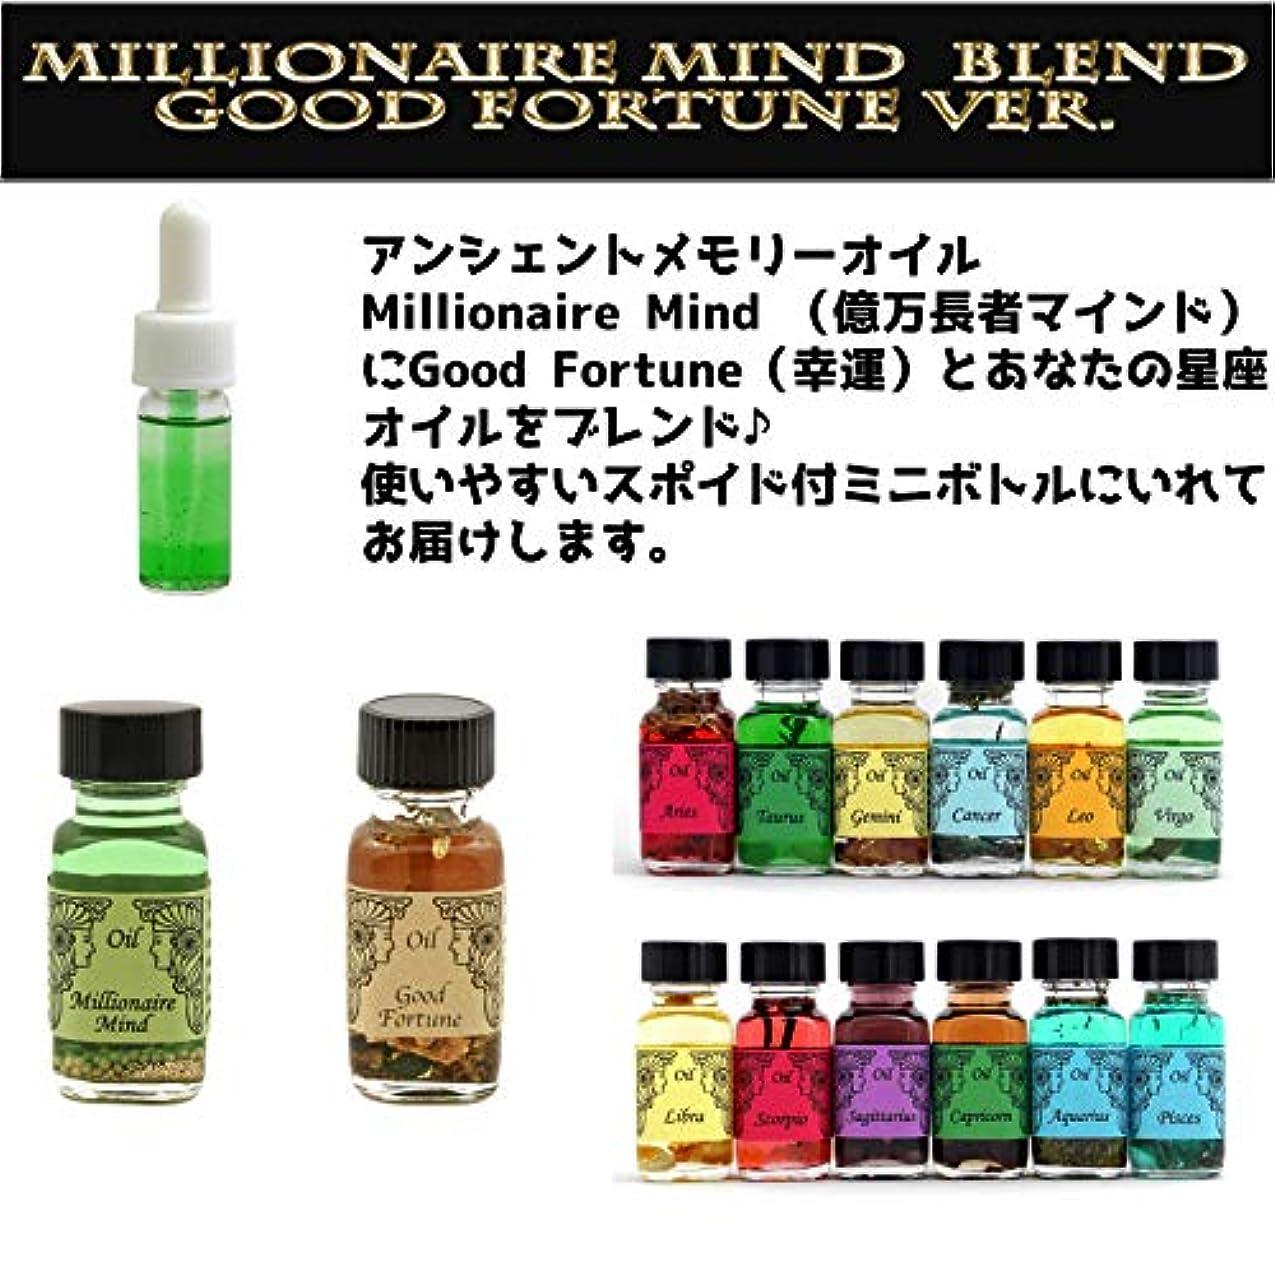 アンシェントメモリーオイル Millionaire Mind 億万長者マインド ブレンド【Good Fortune グッドフォーチュン 幸運&ふたご座】